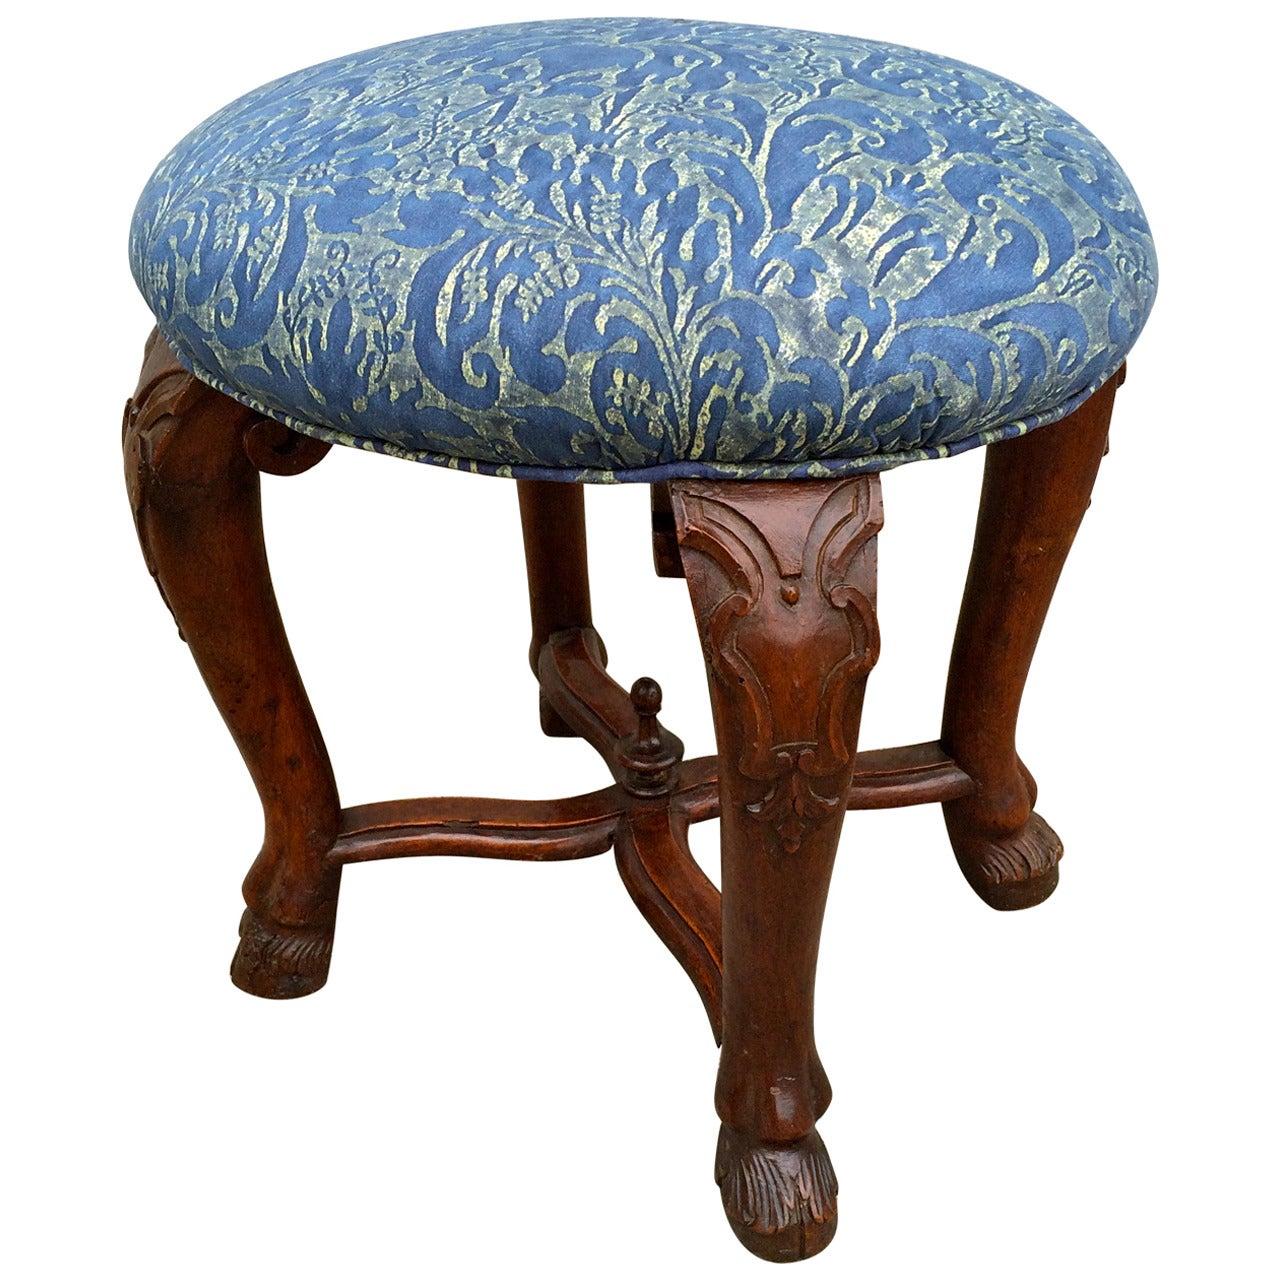 Italian Baroque Walnut Stool with Fortuny Upholstery